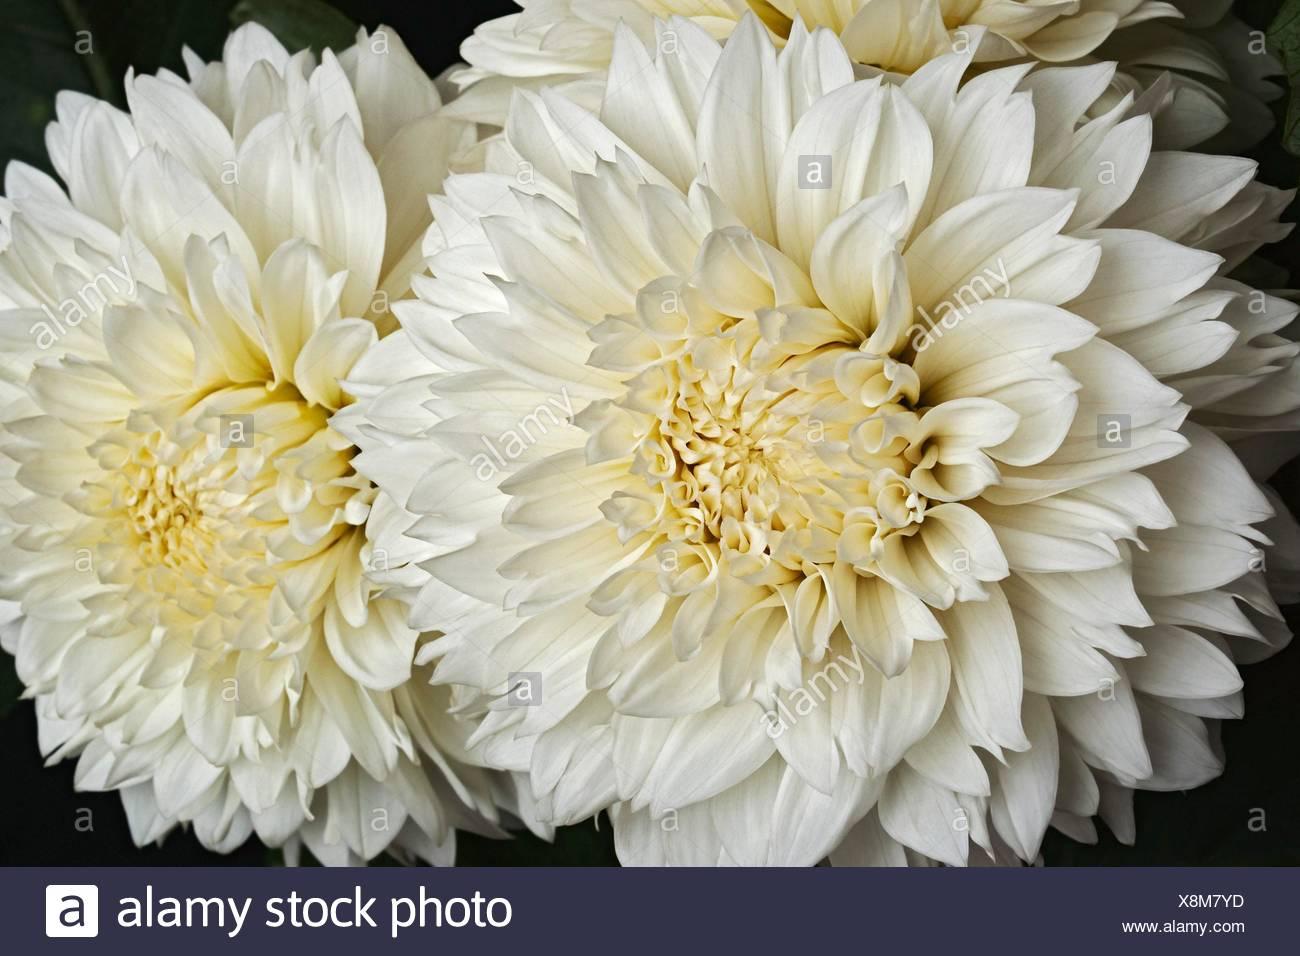 Dahlia flower dahlia x cultorum close up image of two white dahlia flower dahlia x cultorum close up image of two white flowers izmirmasajfo